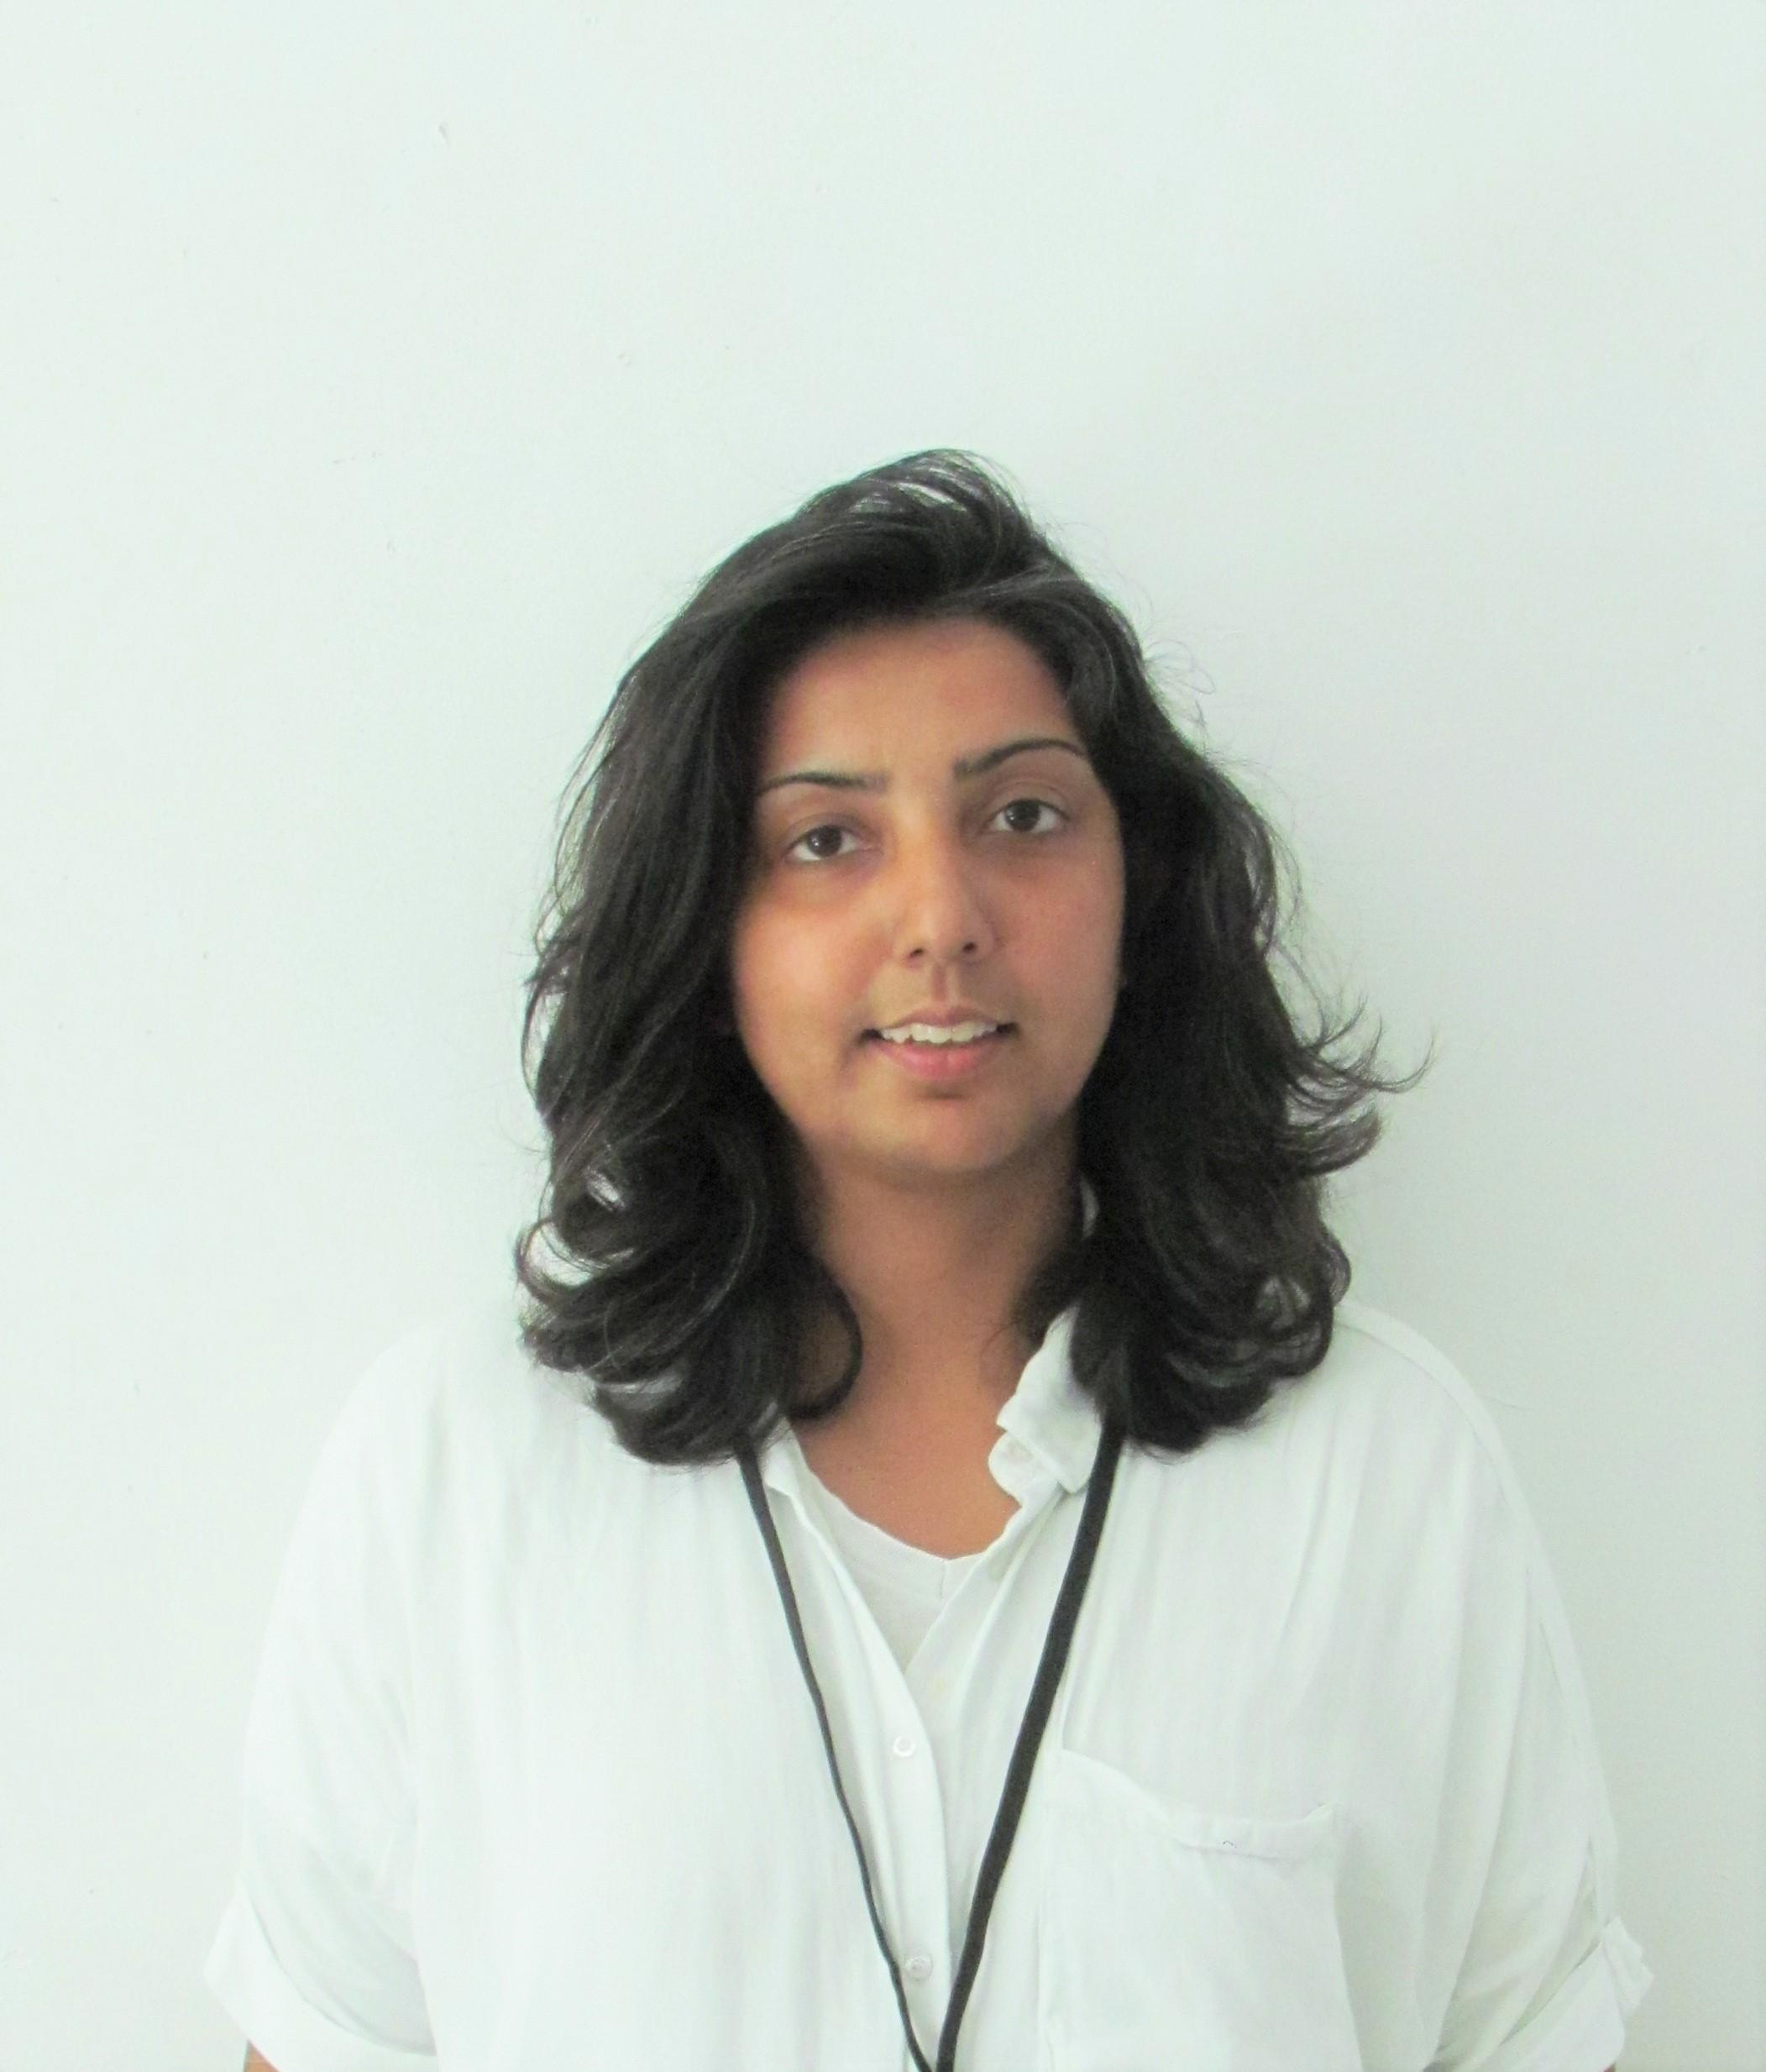 Sonia Gandham portrait